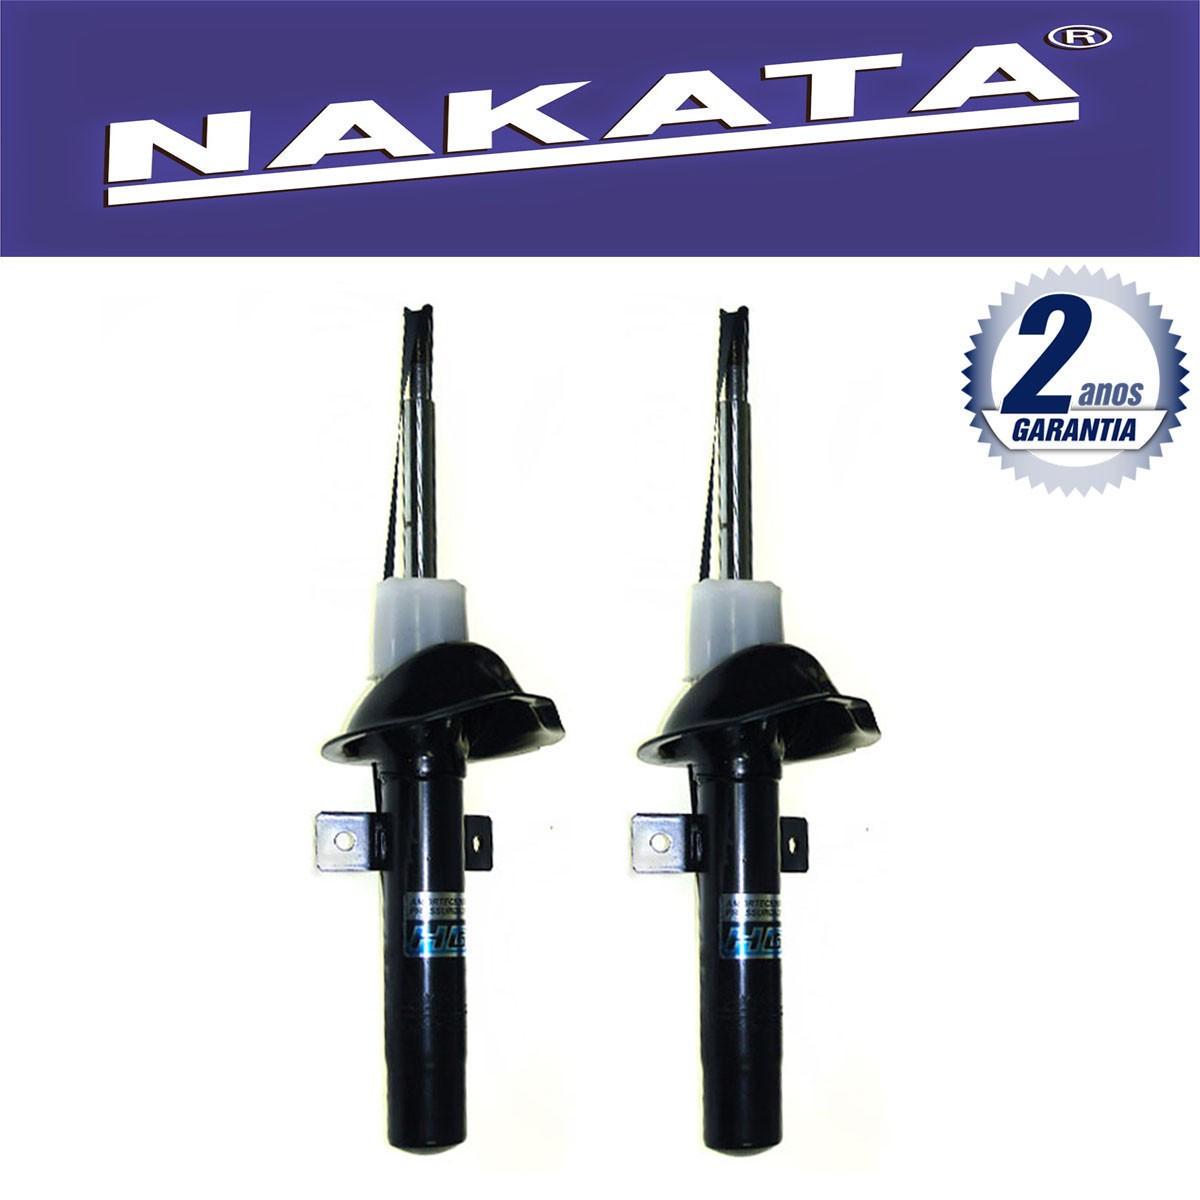 Par de Amortecedores Dianteiro Nakata Ford Fiesta Nacional 1996 Até 2002 Fiesta Street 2002 Até 2005